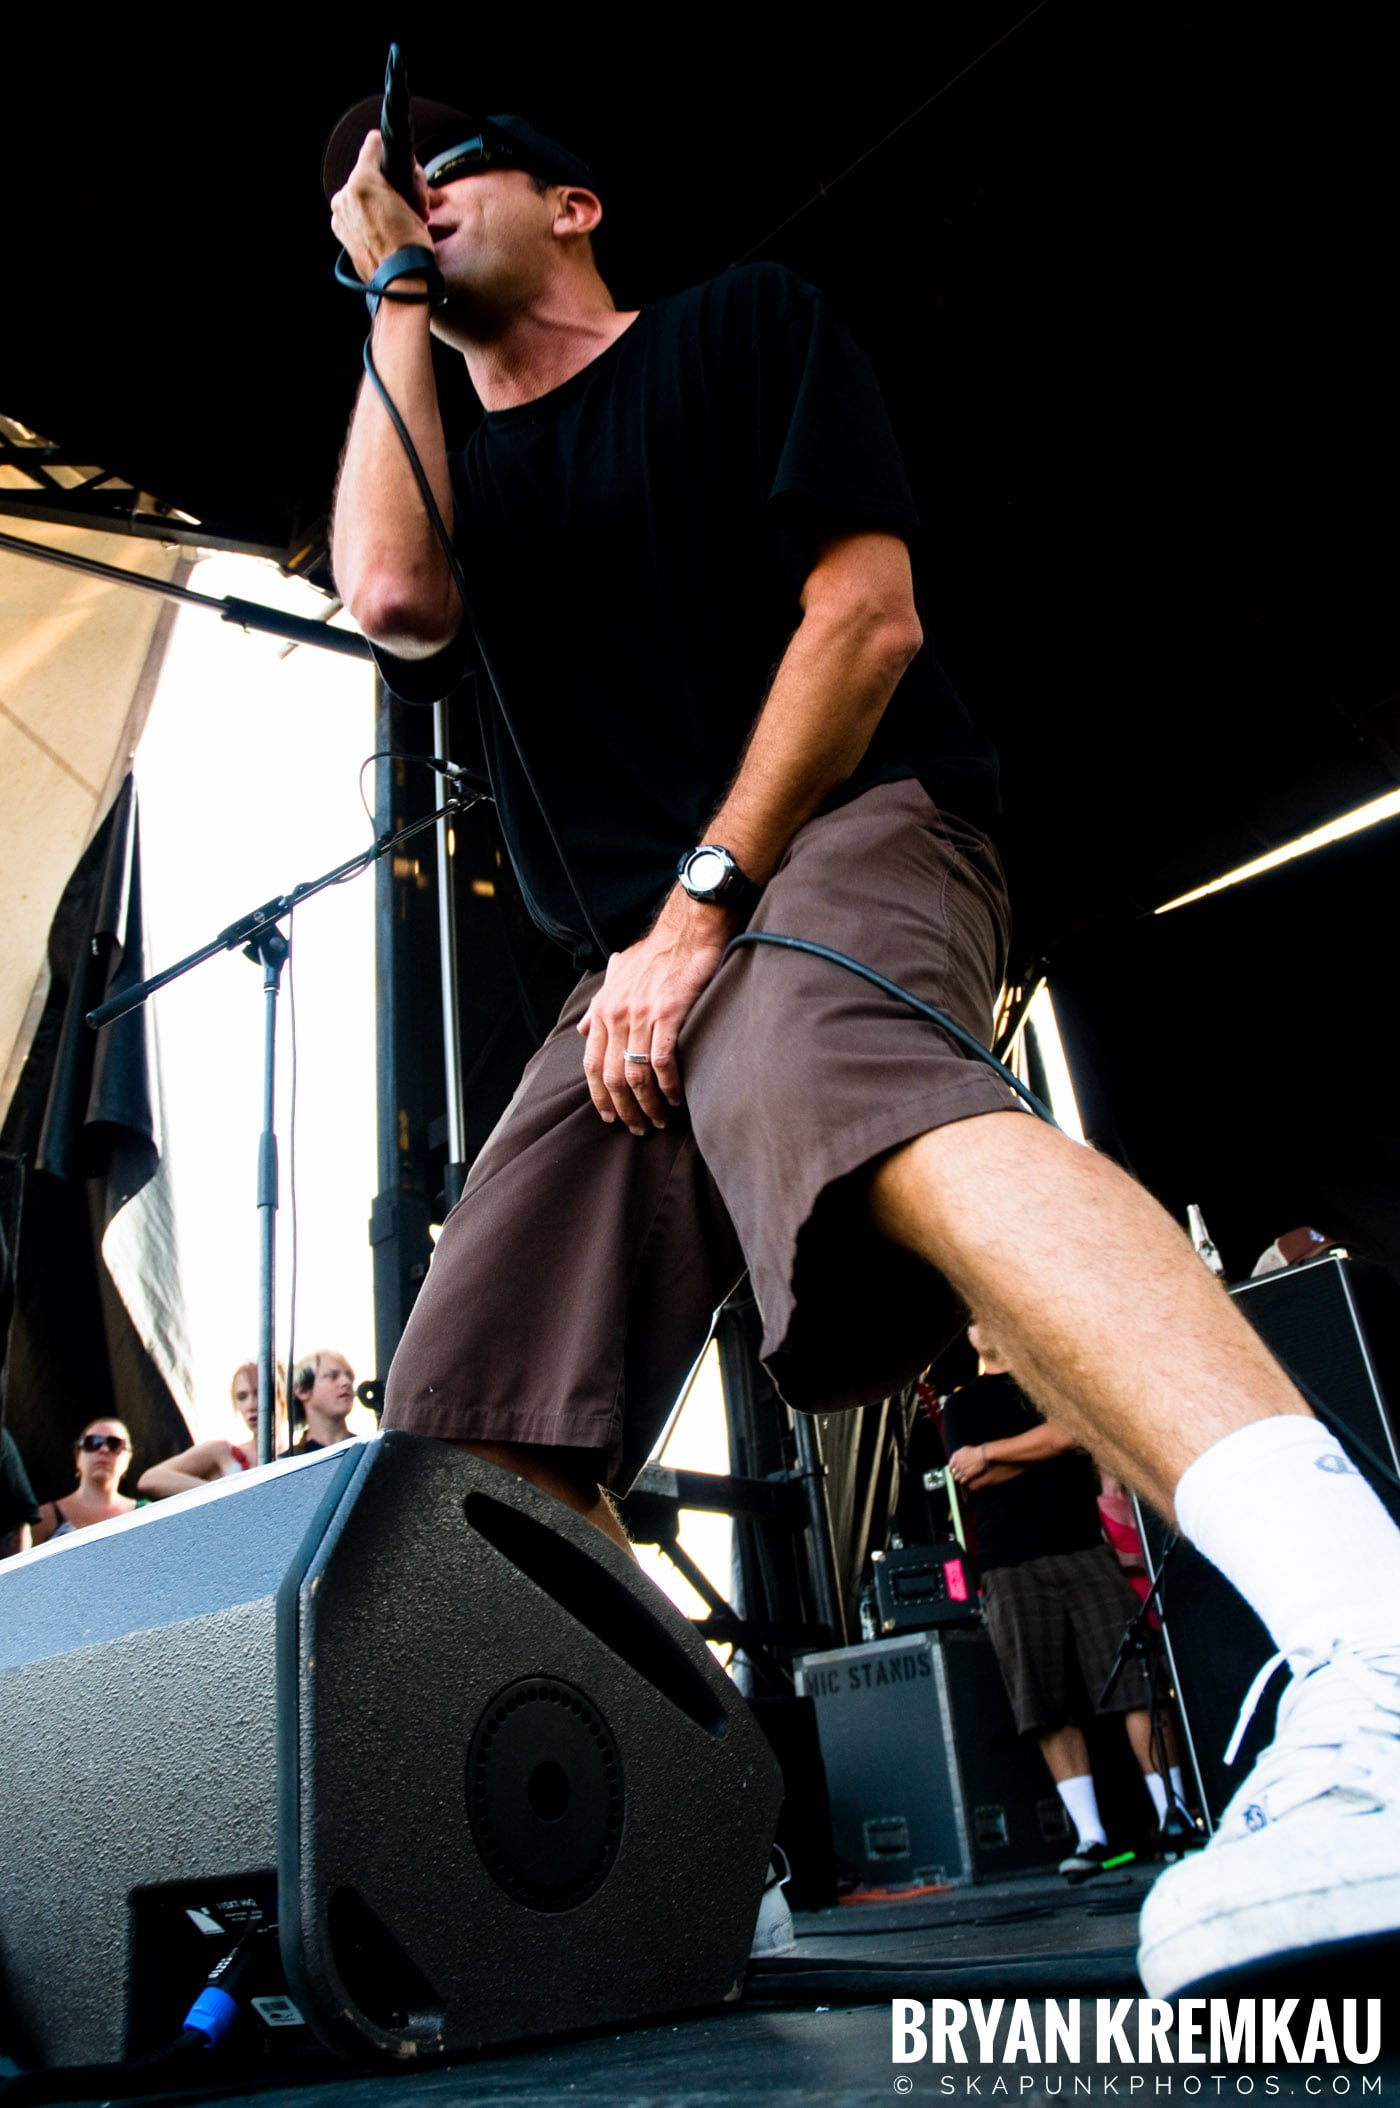 Pennywise @ Warped Tour 08, Scranton PA - 7.27.08 (6)